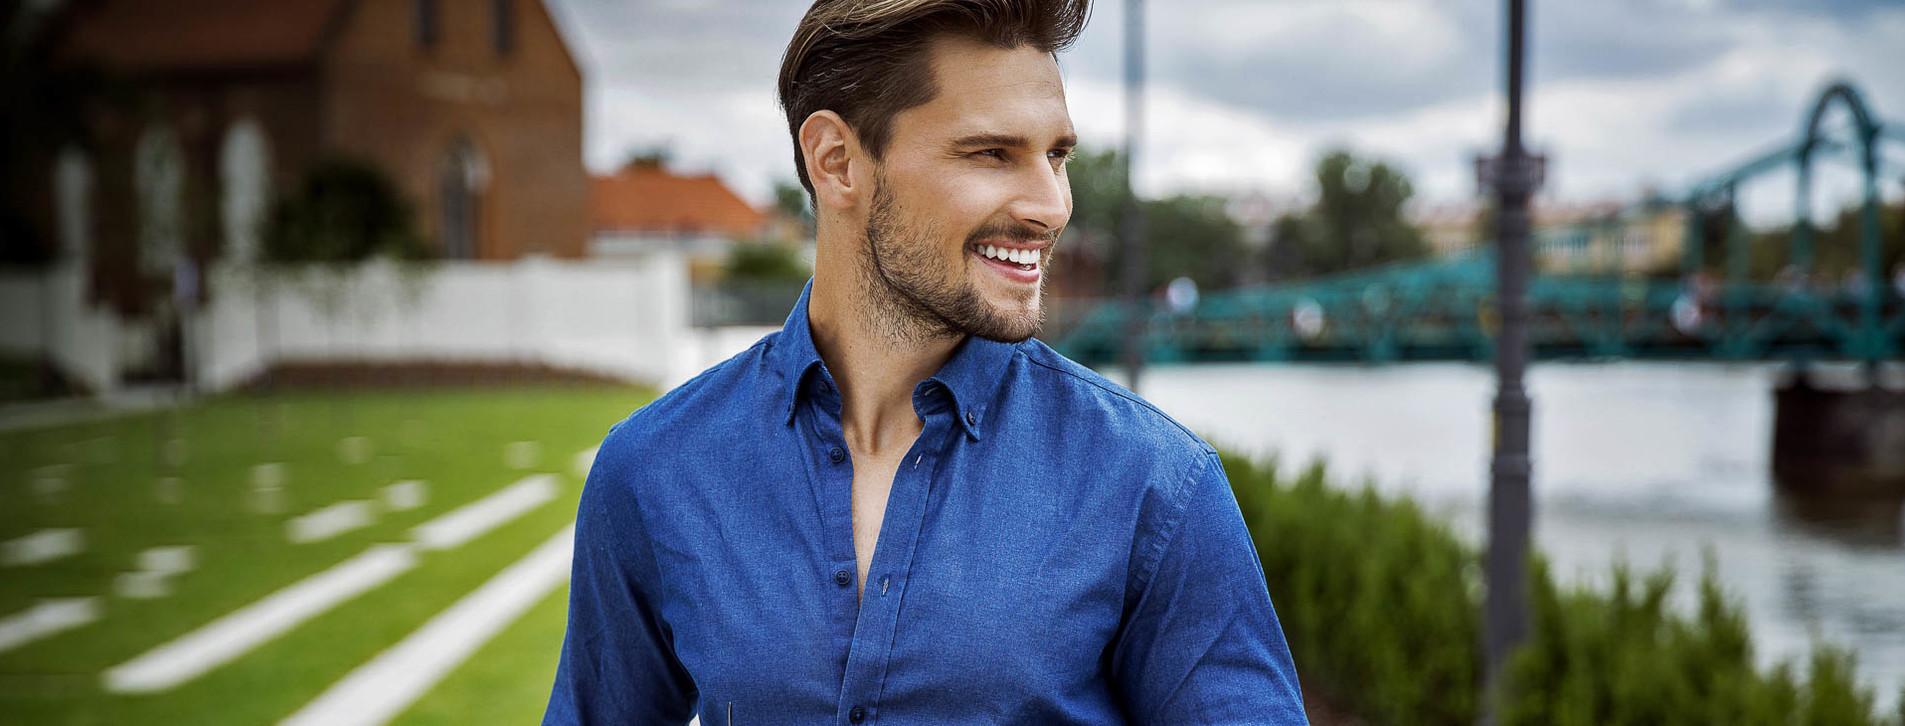 Фото - Индивидуальный пошив мужской рубашки